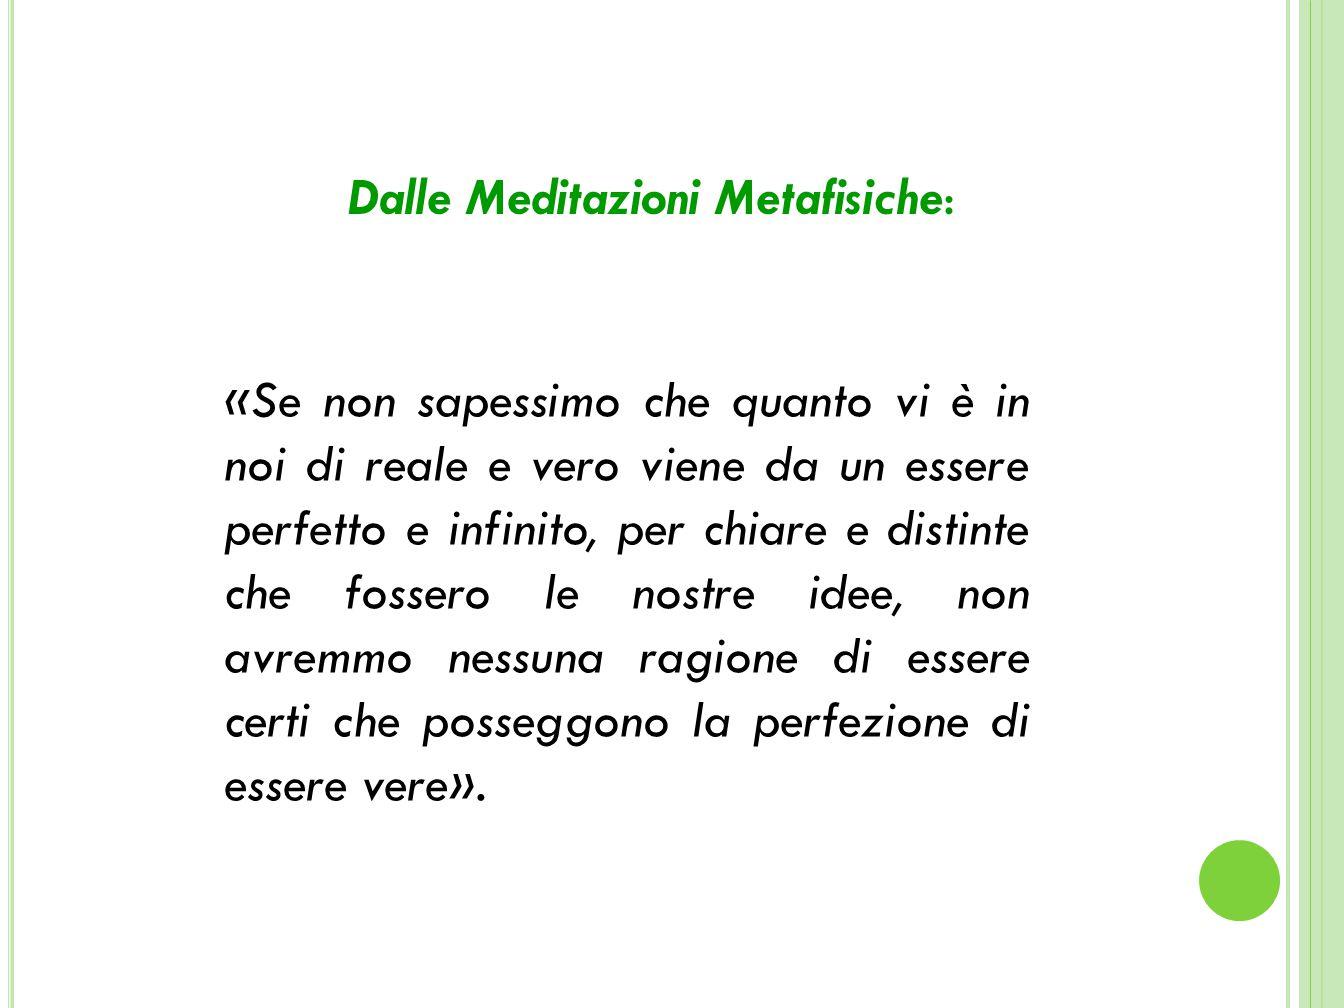 Dalle Meditazioni Metafisiche: «Se non sapessimo che quanto vi è in noi di reale e vero viene da un essere perfetto e infinito, per chiare e distinte che fossero le nostre idee, non avremmo nessuna ragione di essere certi che posseggono la perfezione di essere vere».